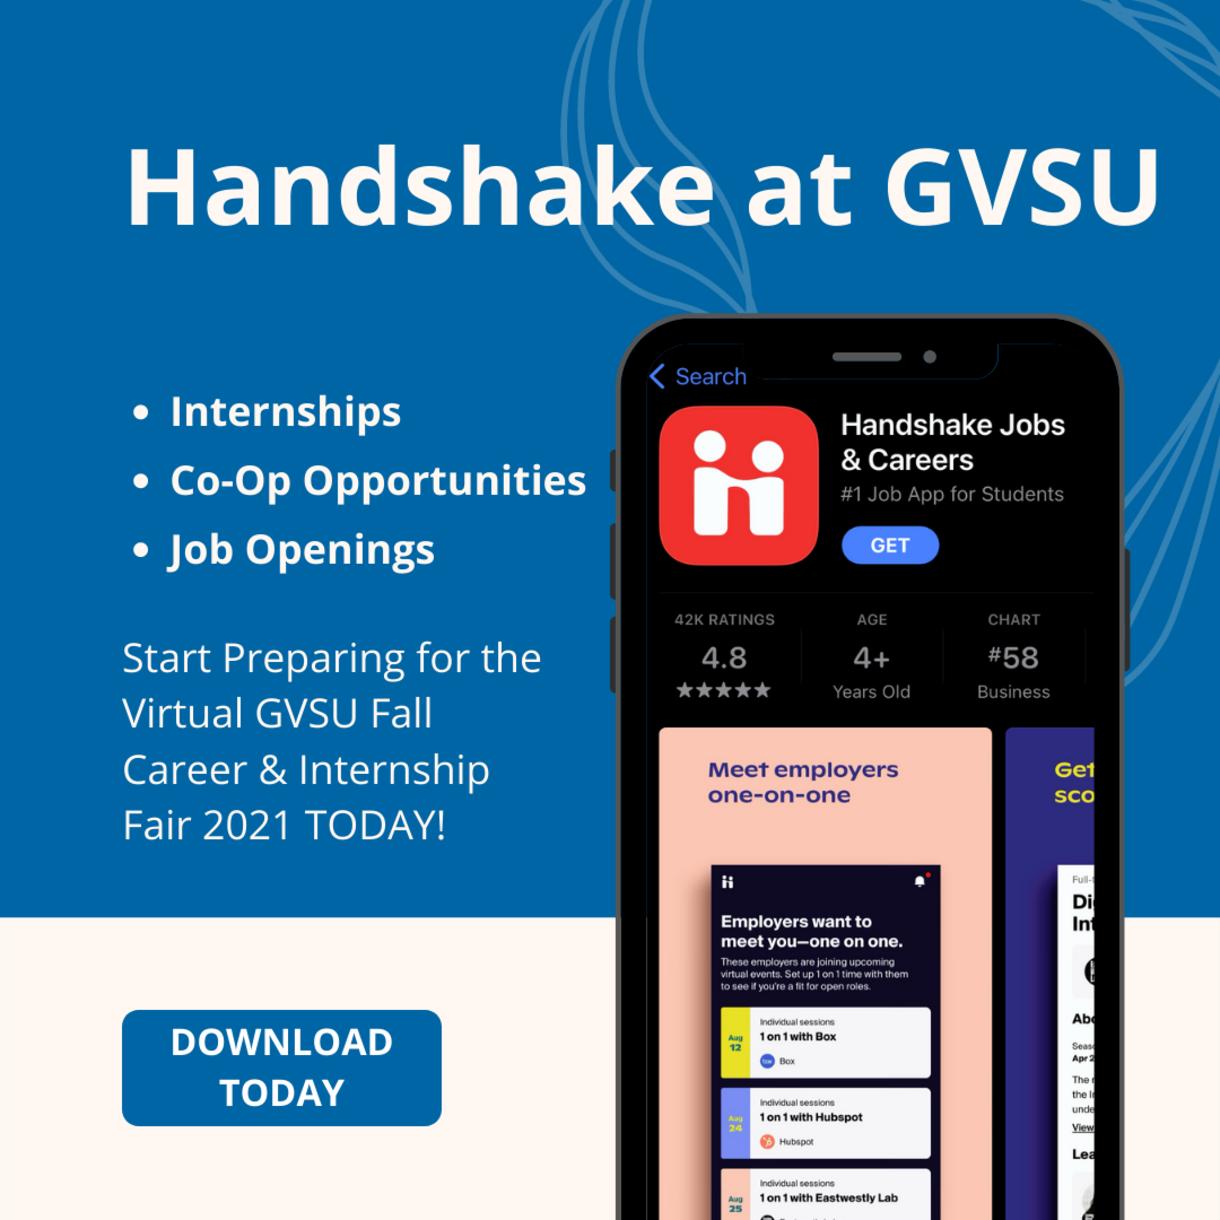 Handshake at GVSU image